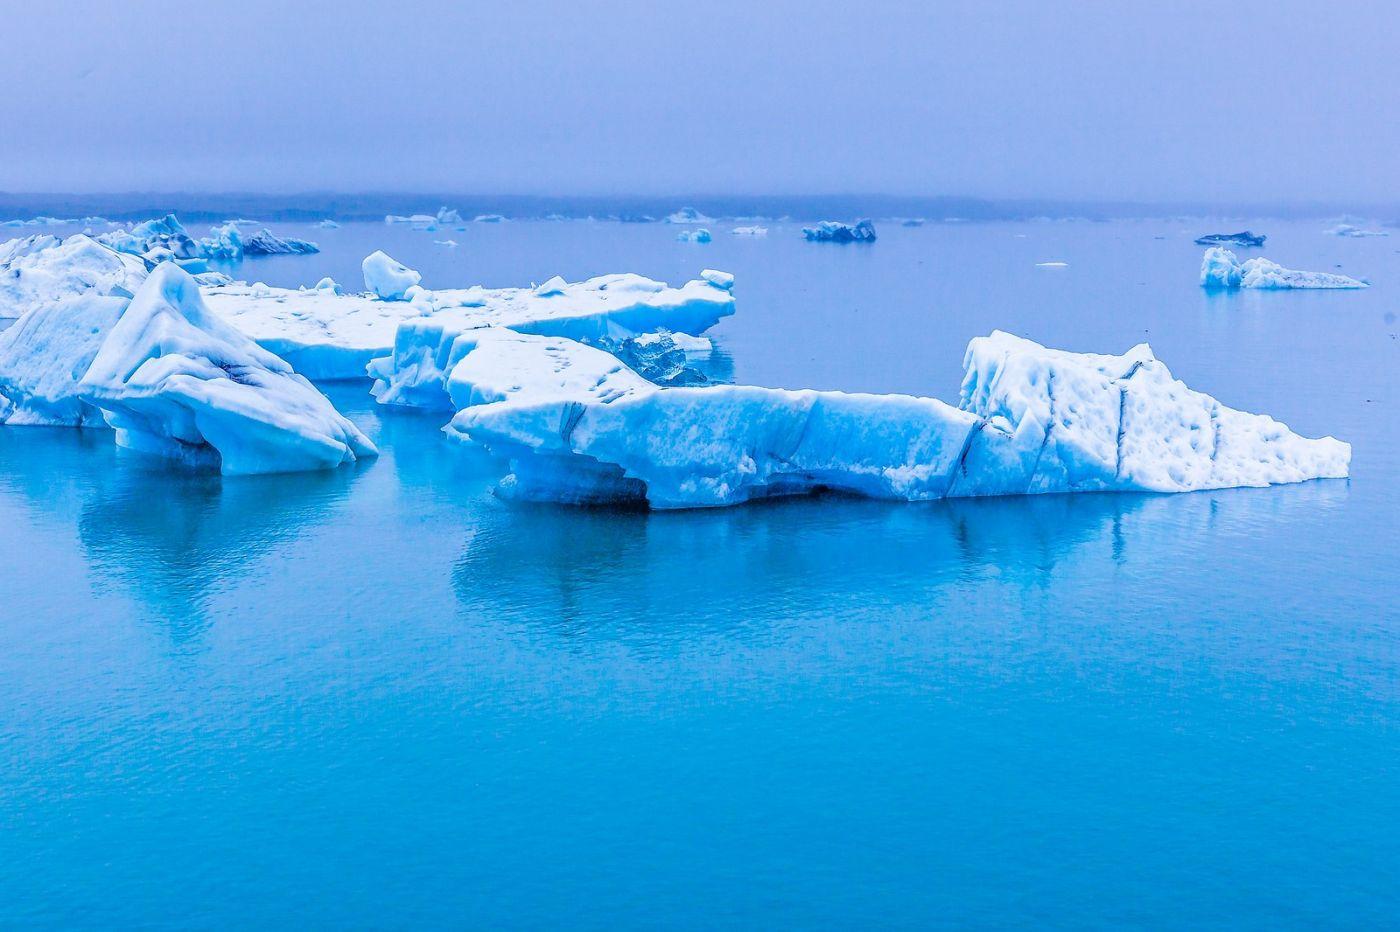 冰岛冰川泻湖(Glacier Lagoon),自然雕塑_图1-2